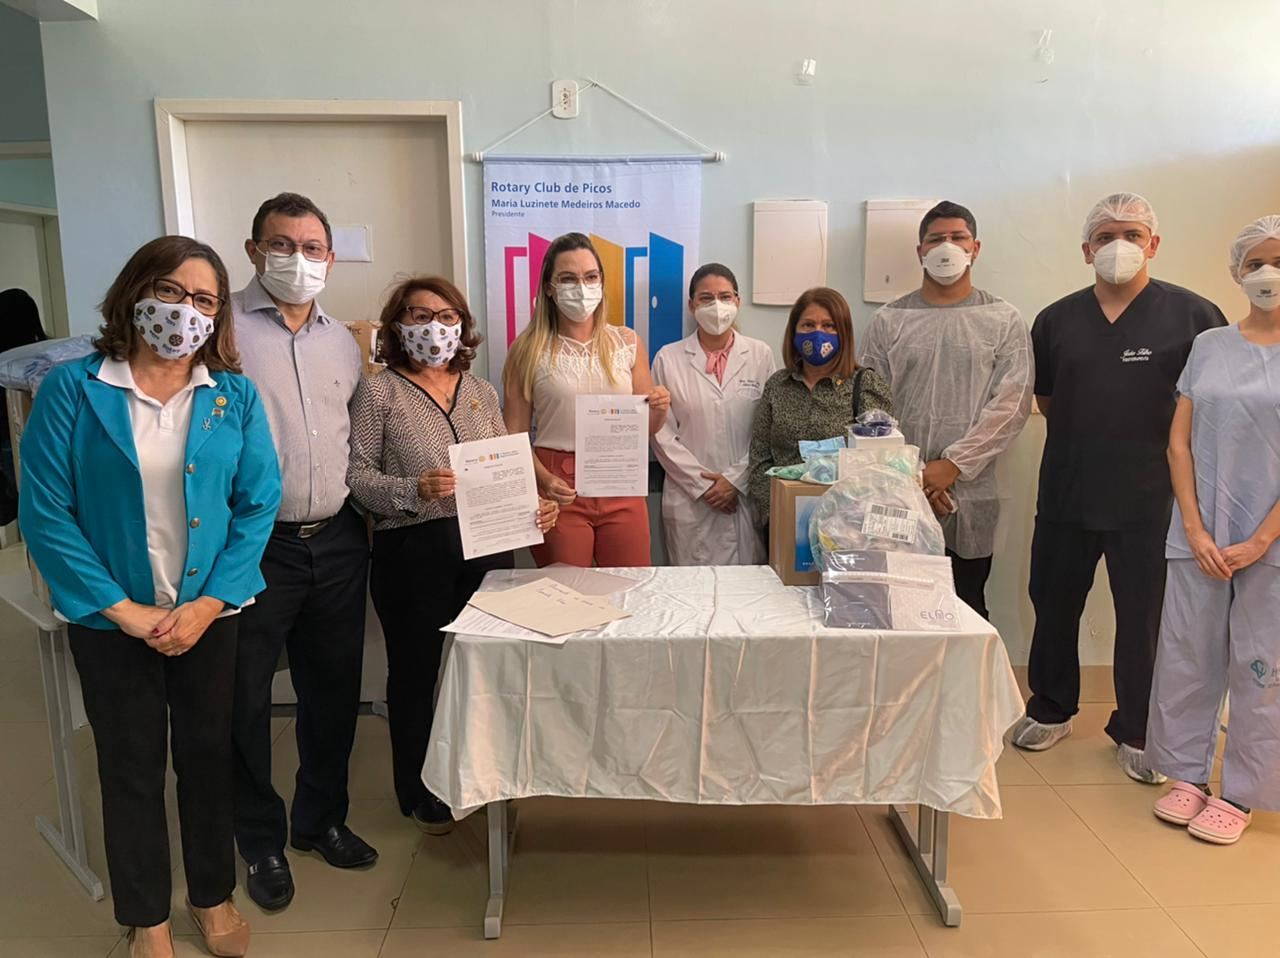 Representantes do Rotary Club fazem doação de capacetes elmos no Hospital Justino Luz, em Picos